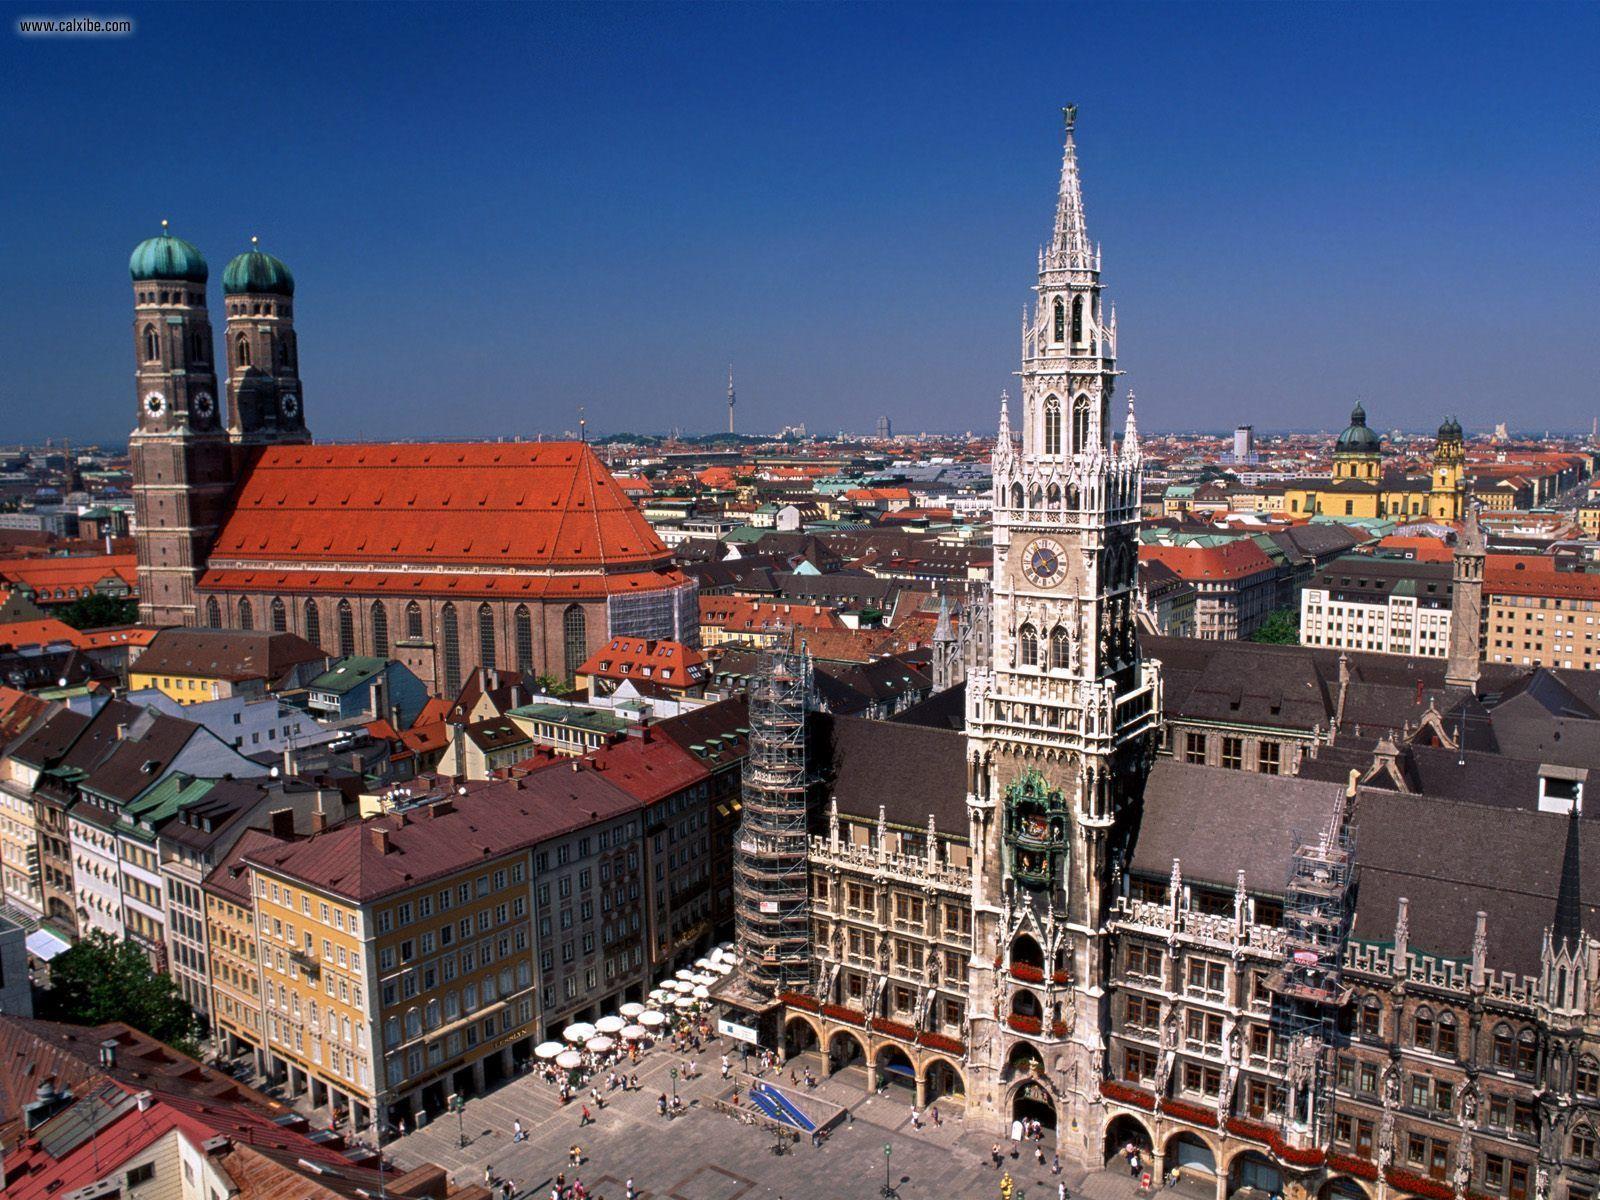 The New Town Hall and Marienplatz Munich Germany desktop wallpa 1600x1200